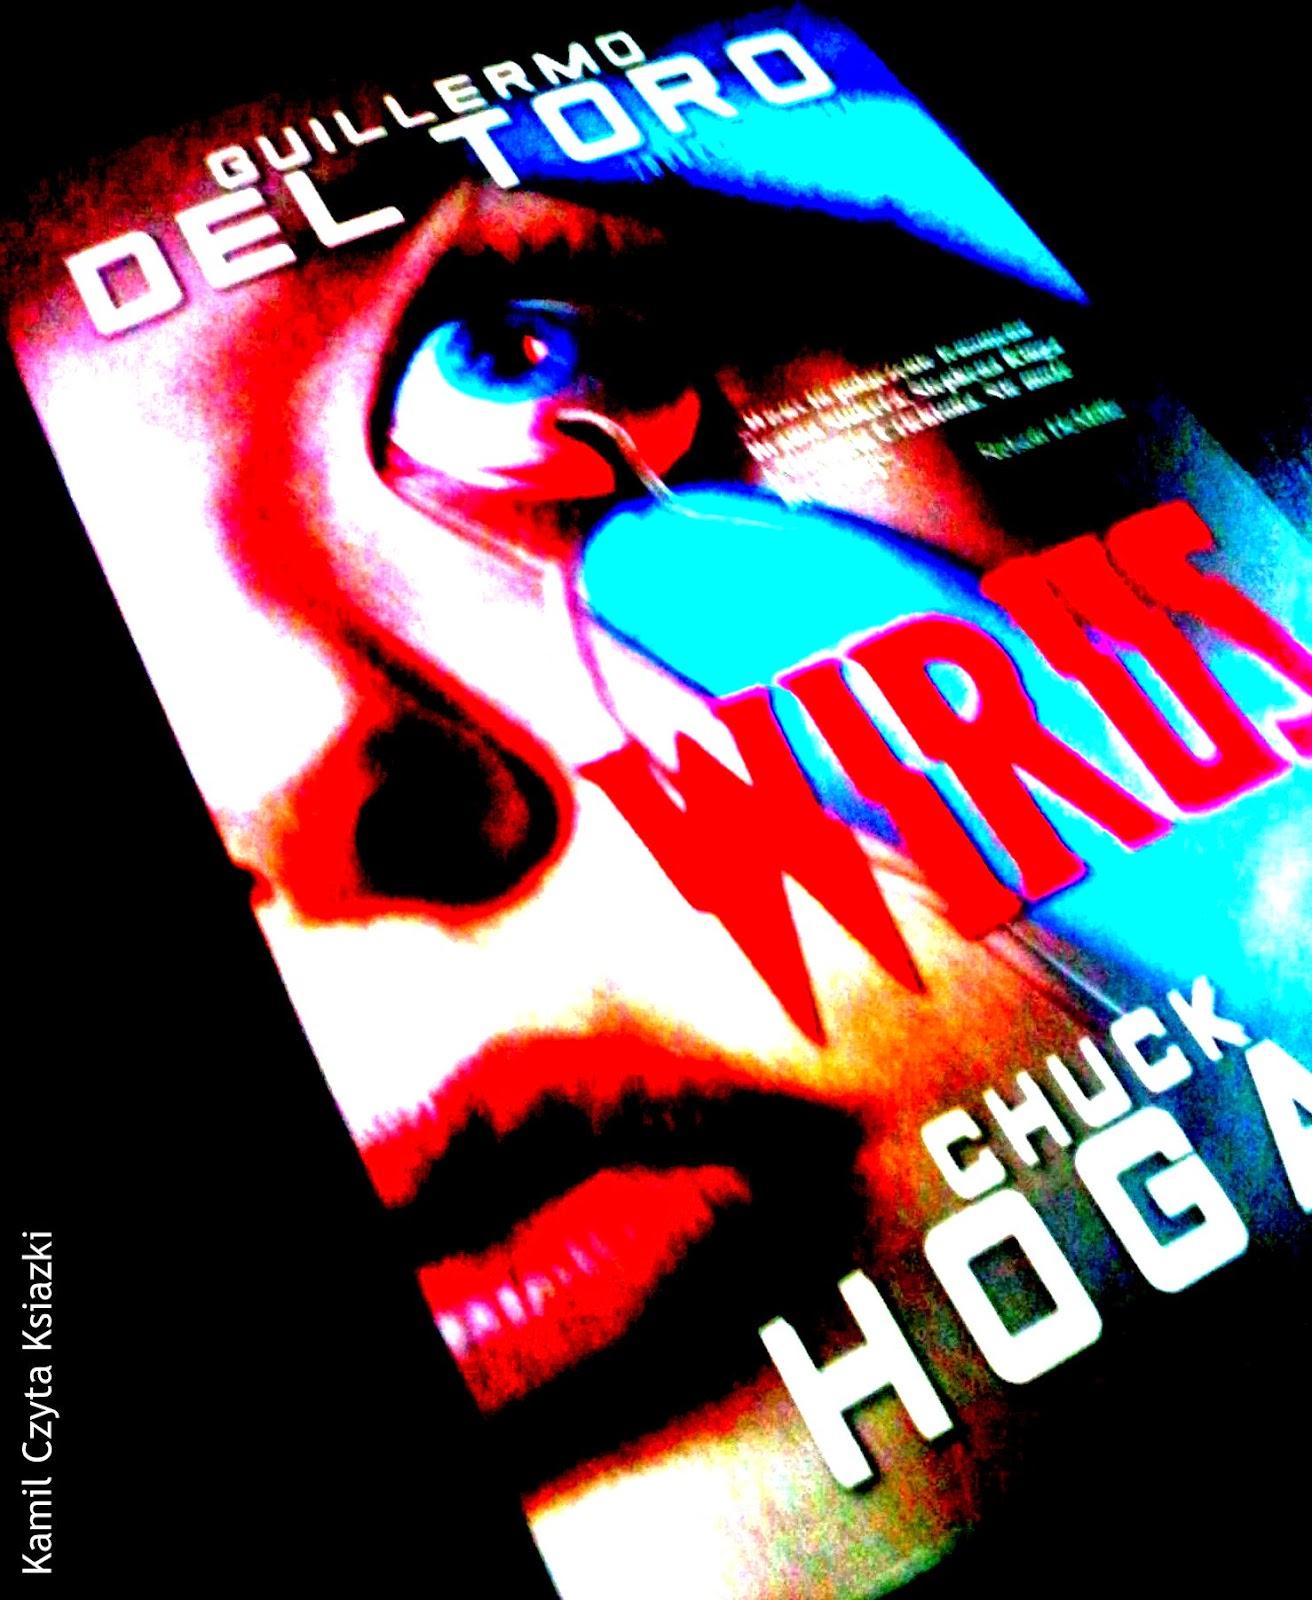 Kamil czyta książki wirus hogan del toro zysk i s-ka recenzja opinia wampiry napięcie mord zaraz wirus robak